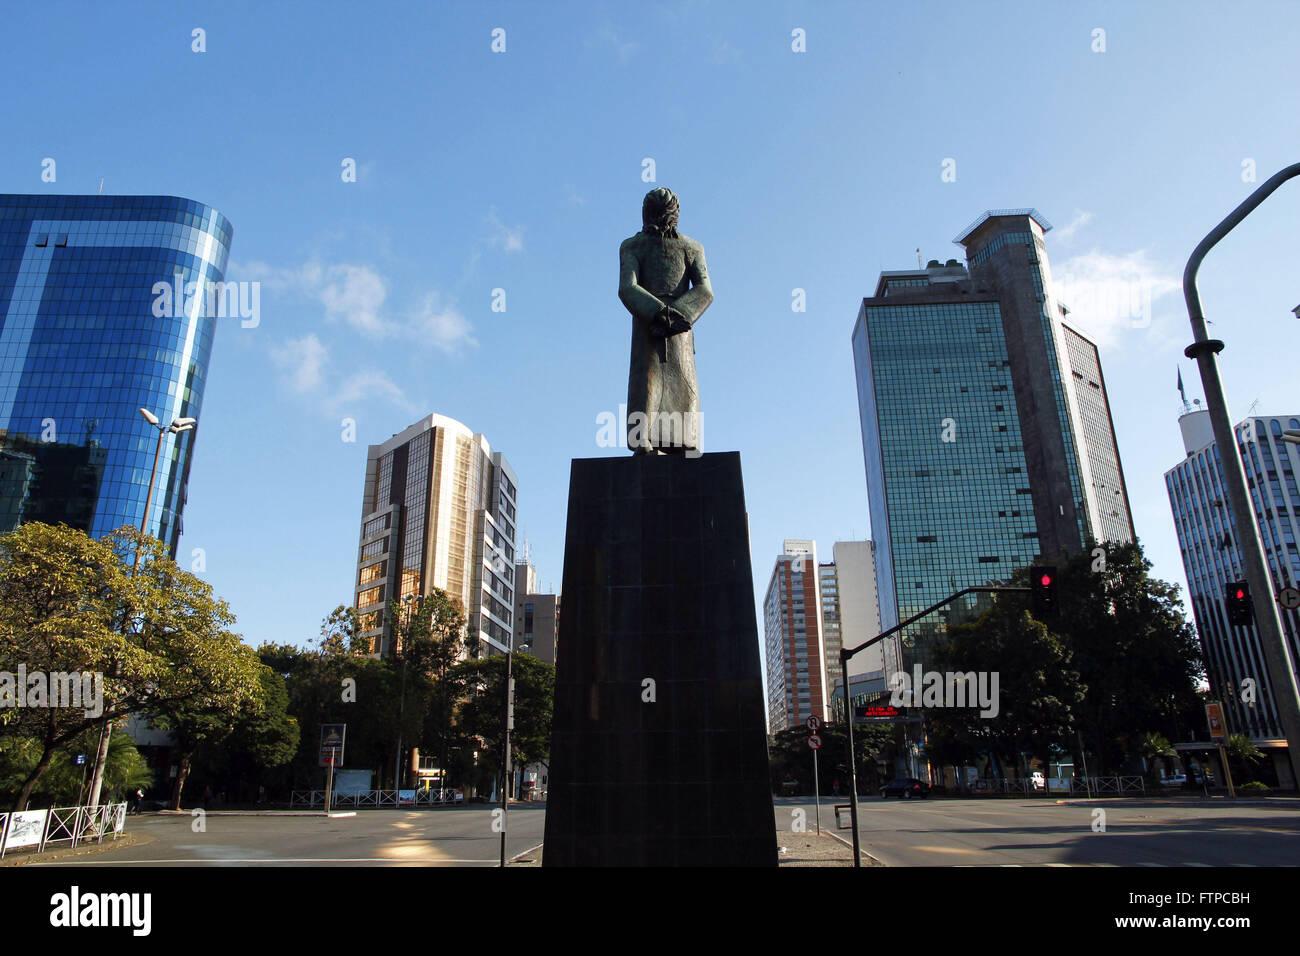 Monumento a Tiradentes nella confluenza dei viali e Brasile Afonso Pena in Belo Horizonte - MG Immagini Stock